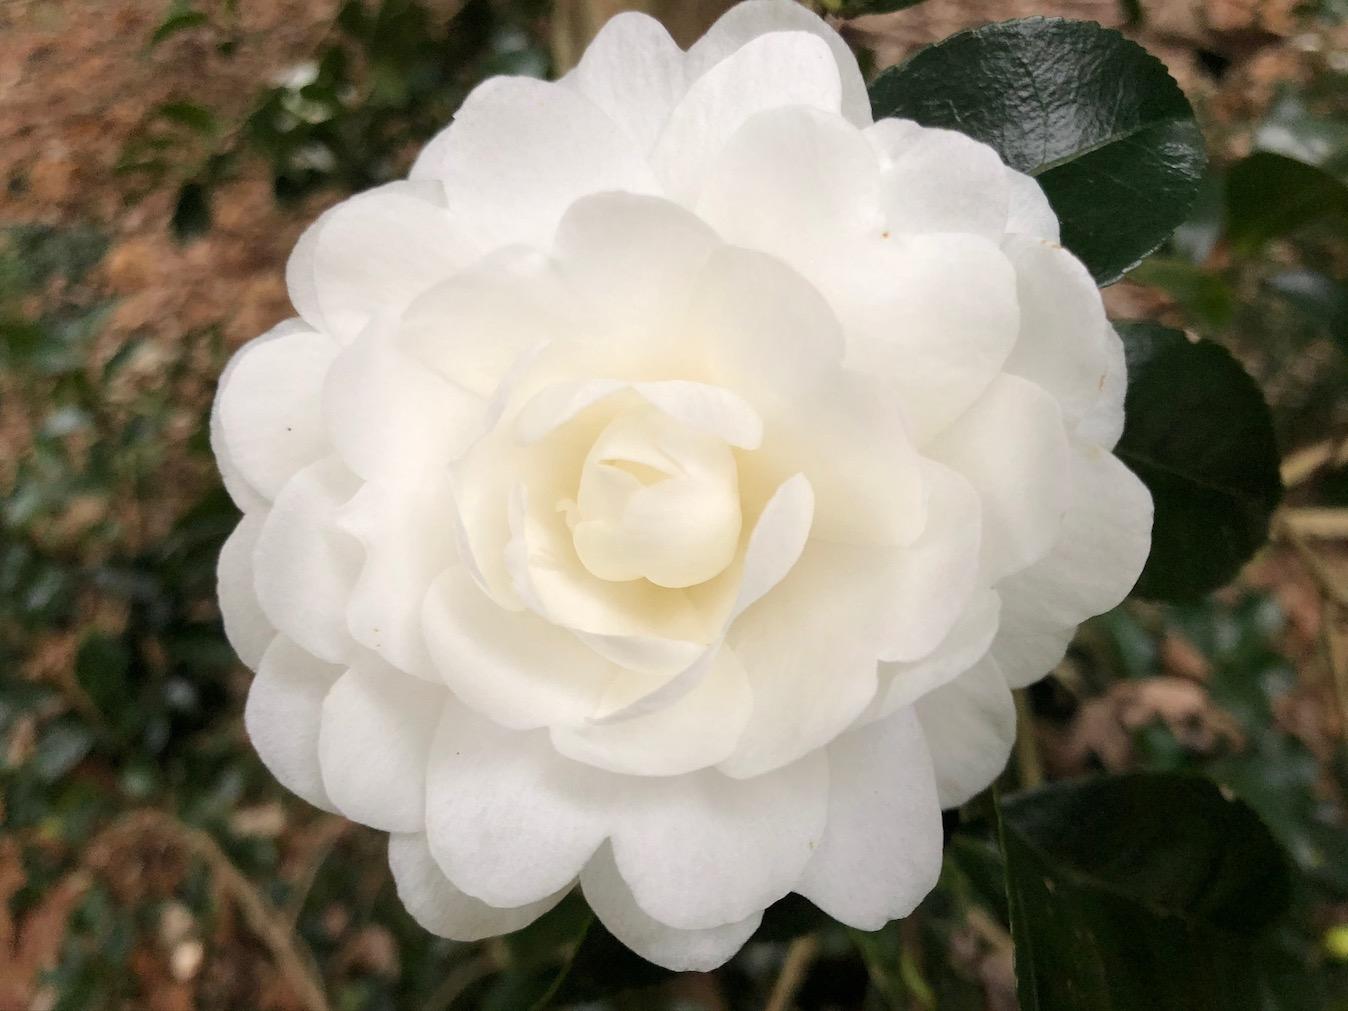 camellia sasanqua; autumn moon camellia sasanqua